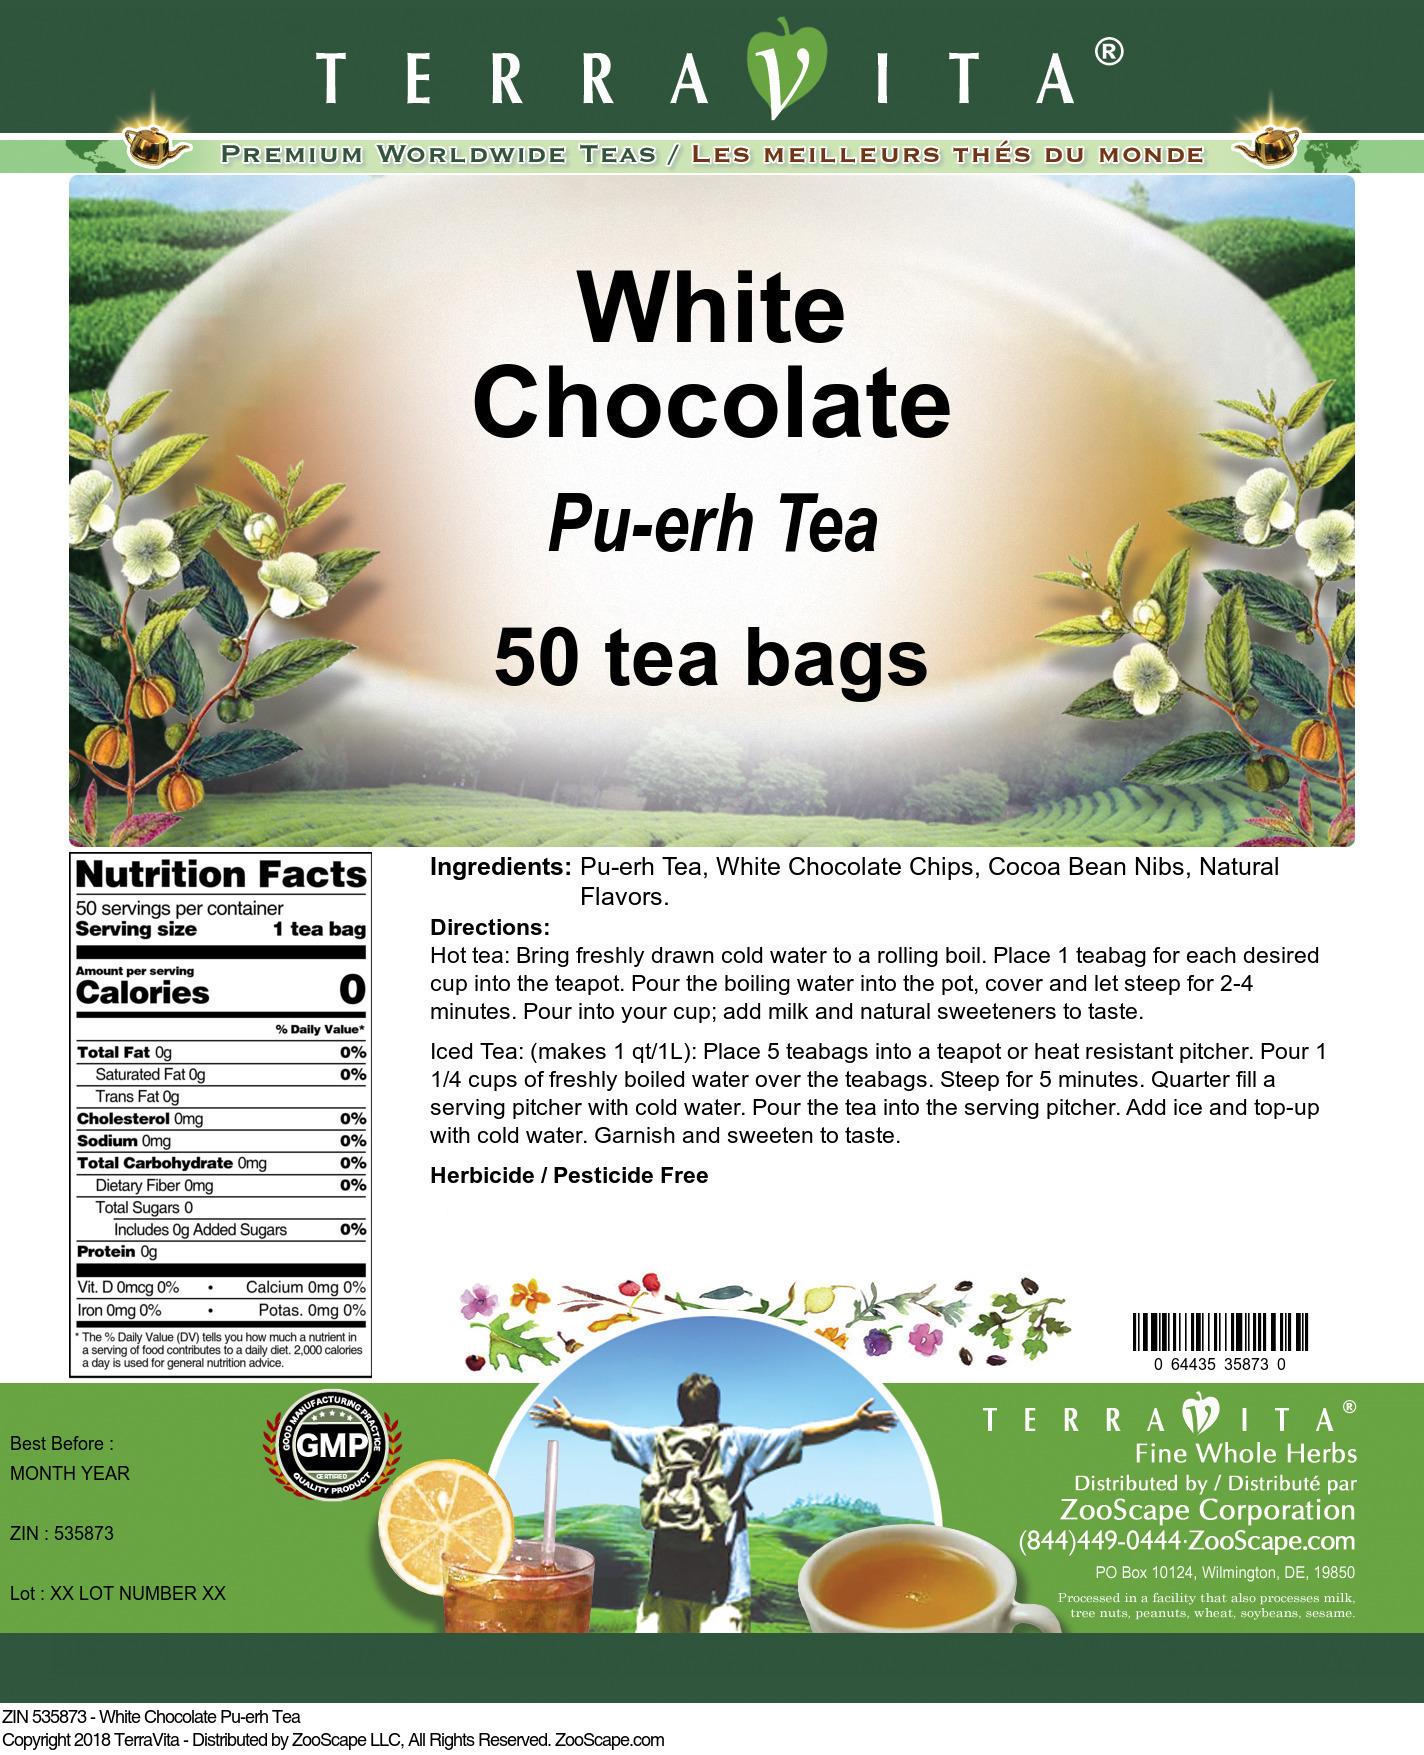 White Chocolate Pu-erh Tea